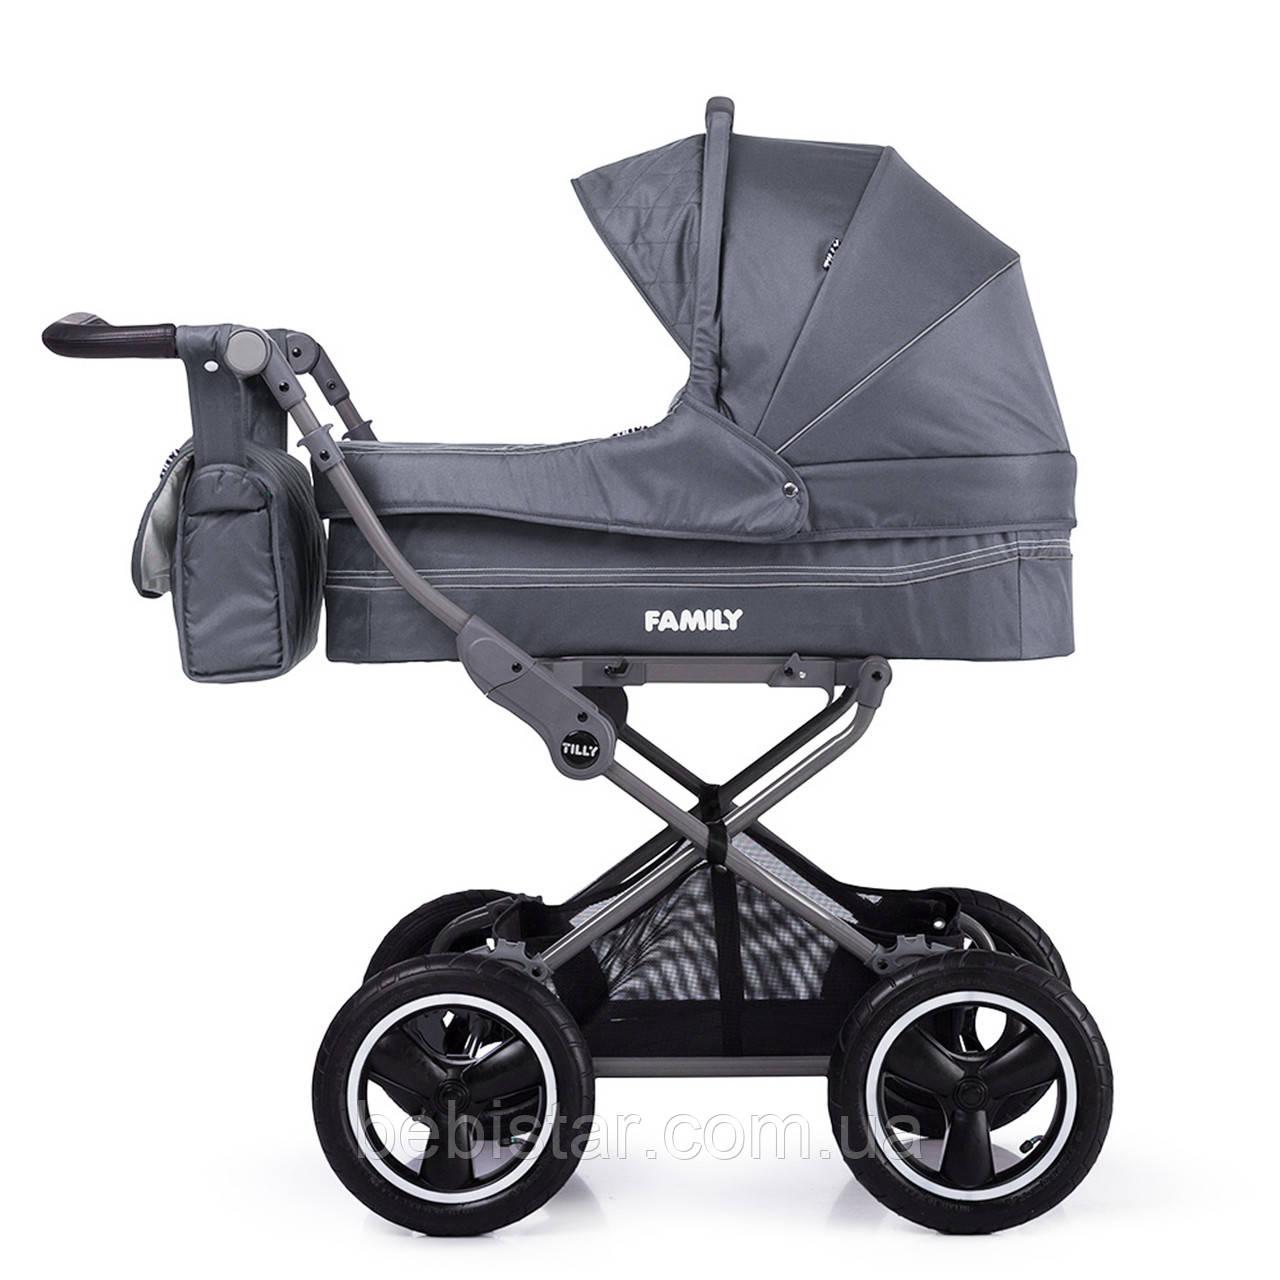 Універсальна коляска сіра Tilli Family 2в1 люлька прогулянковий блок матрацик москітна сітка дощовик